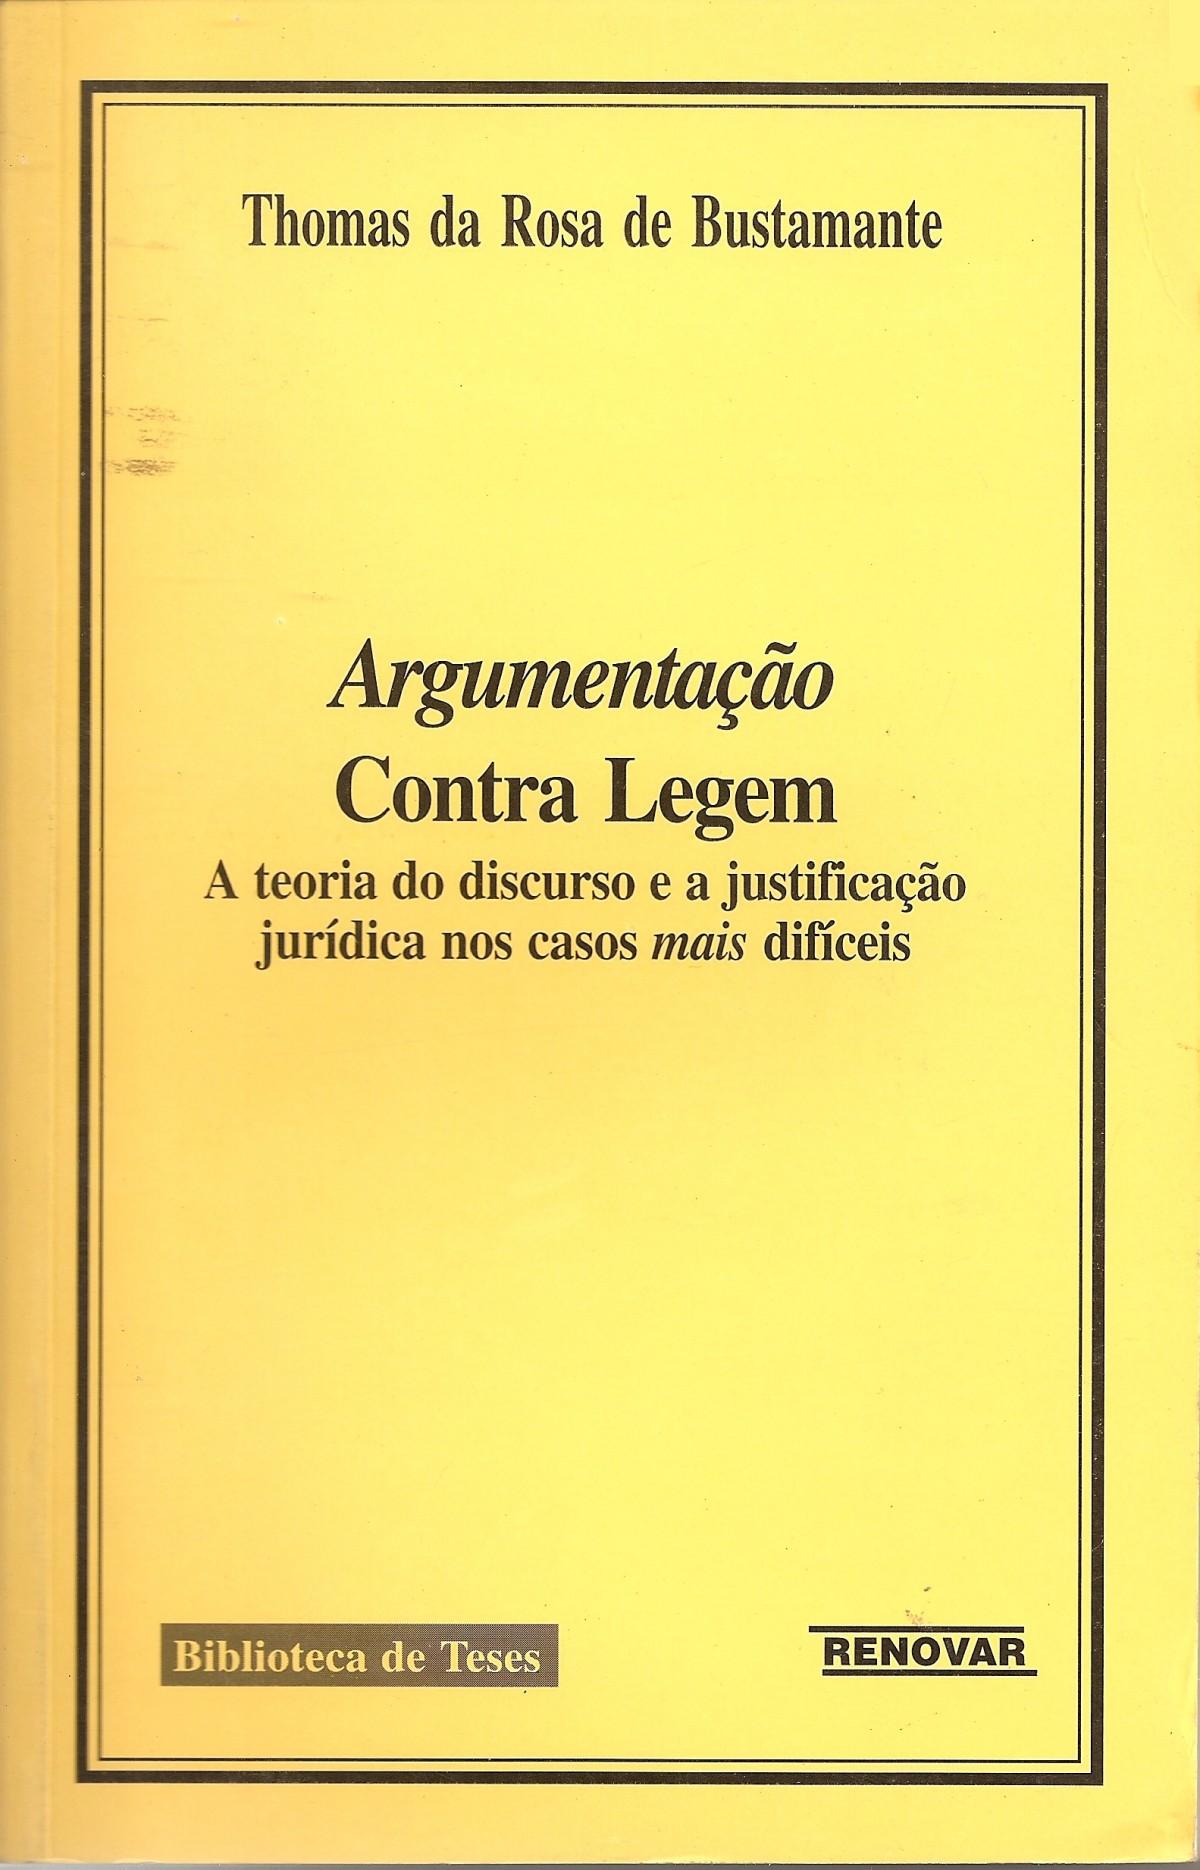 Foto 1 - Argumentação Contra Legem - A Teoria do Discurso e a Justificação Jurídica nos Casos Mais Difíceis